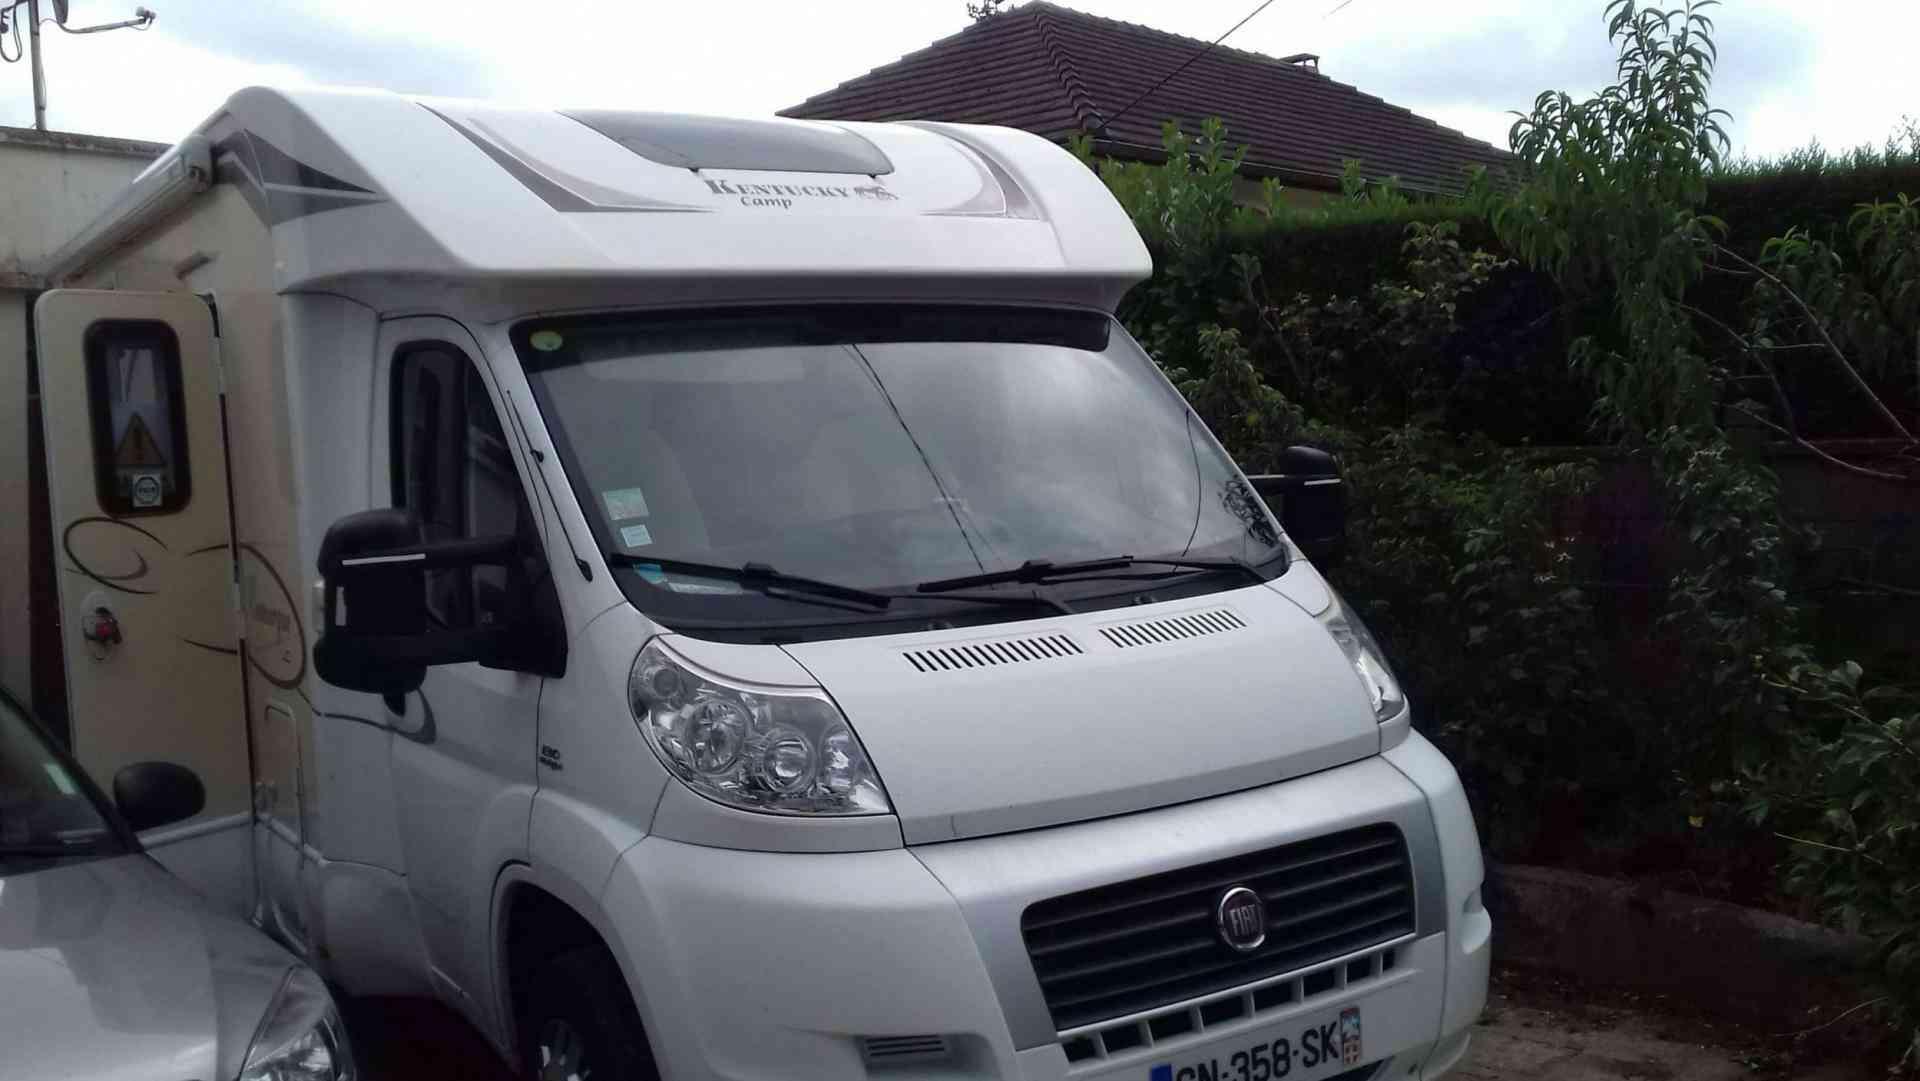 camping-car KENTUCKY CAMARGUE